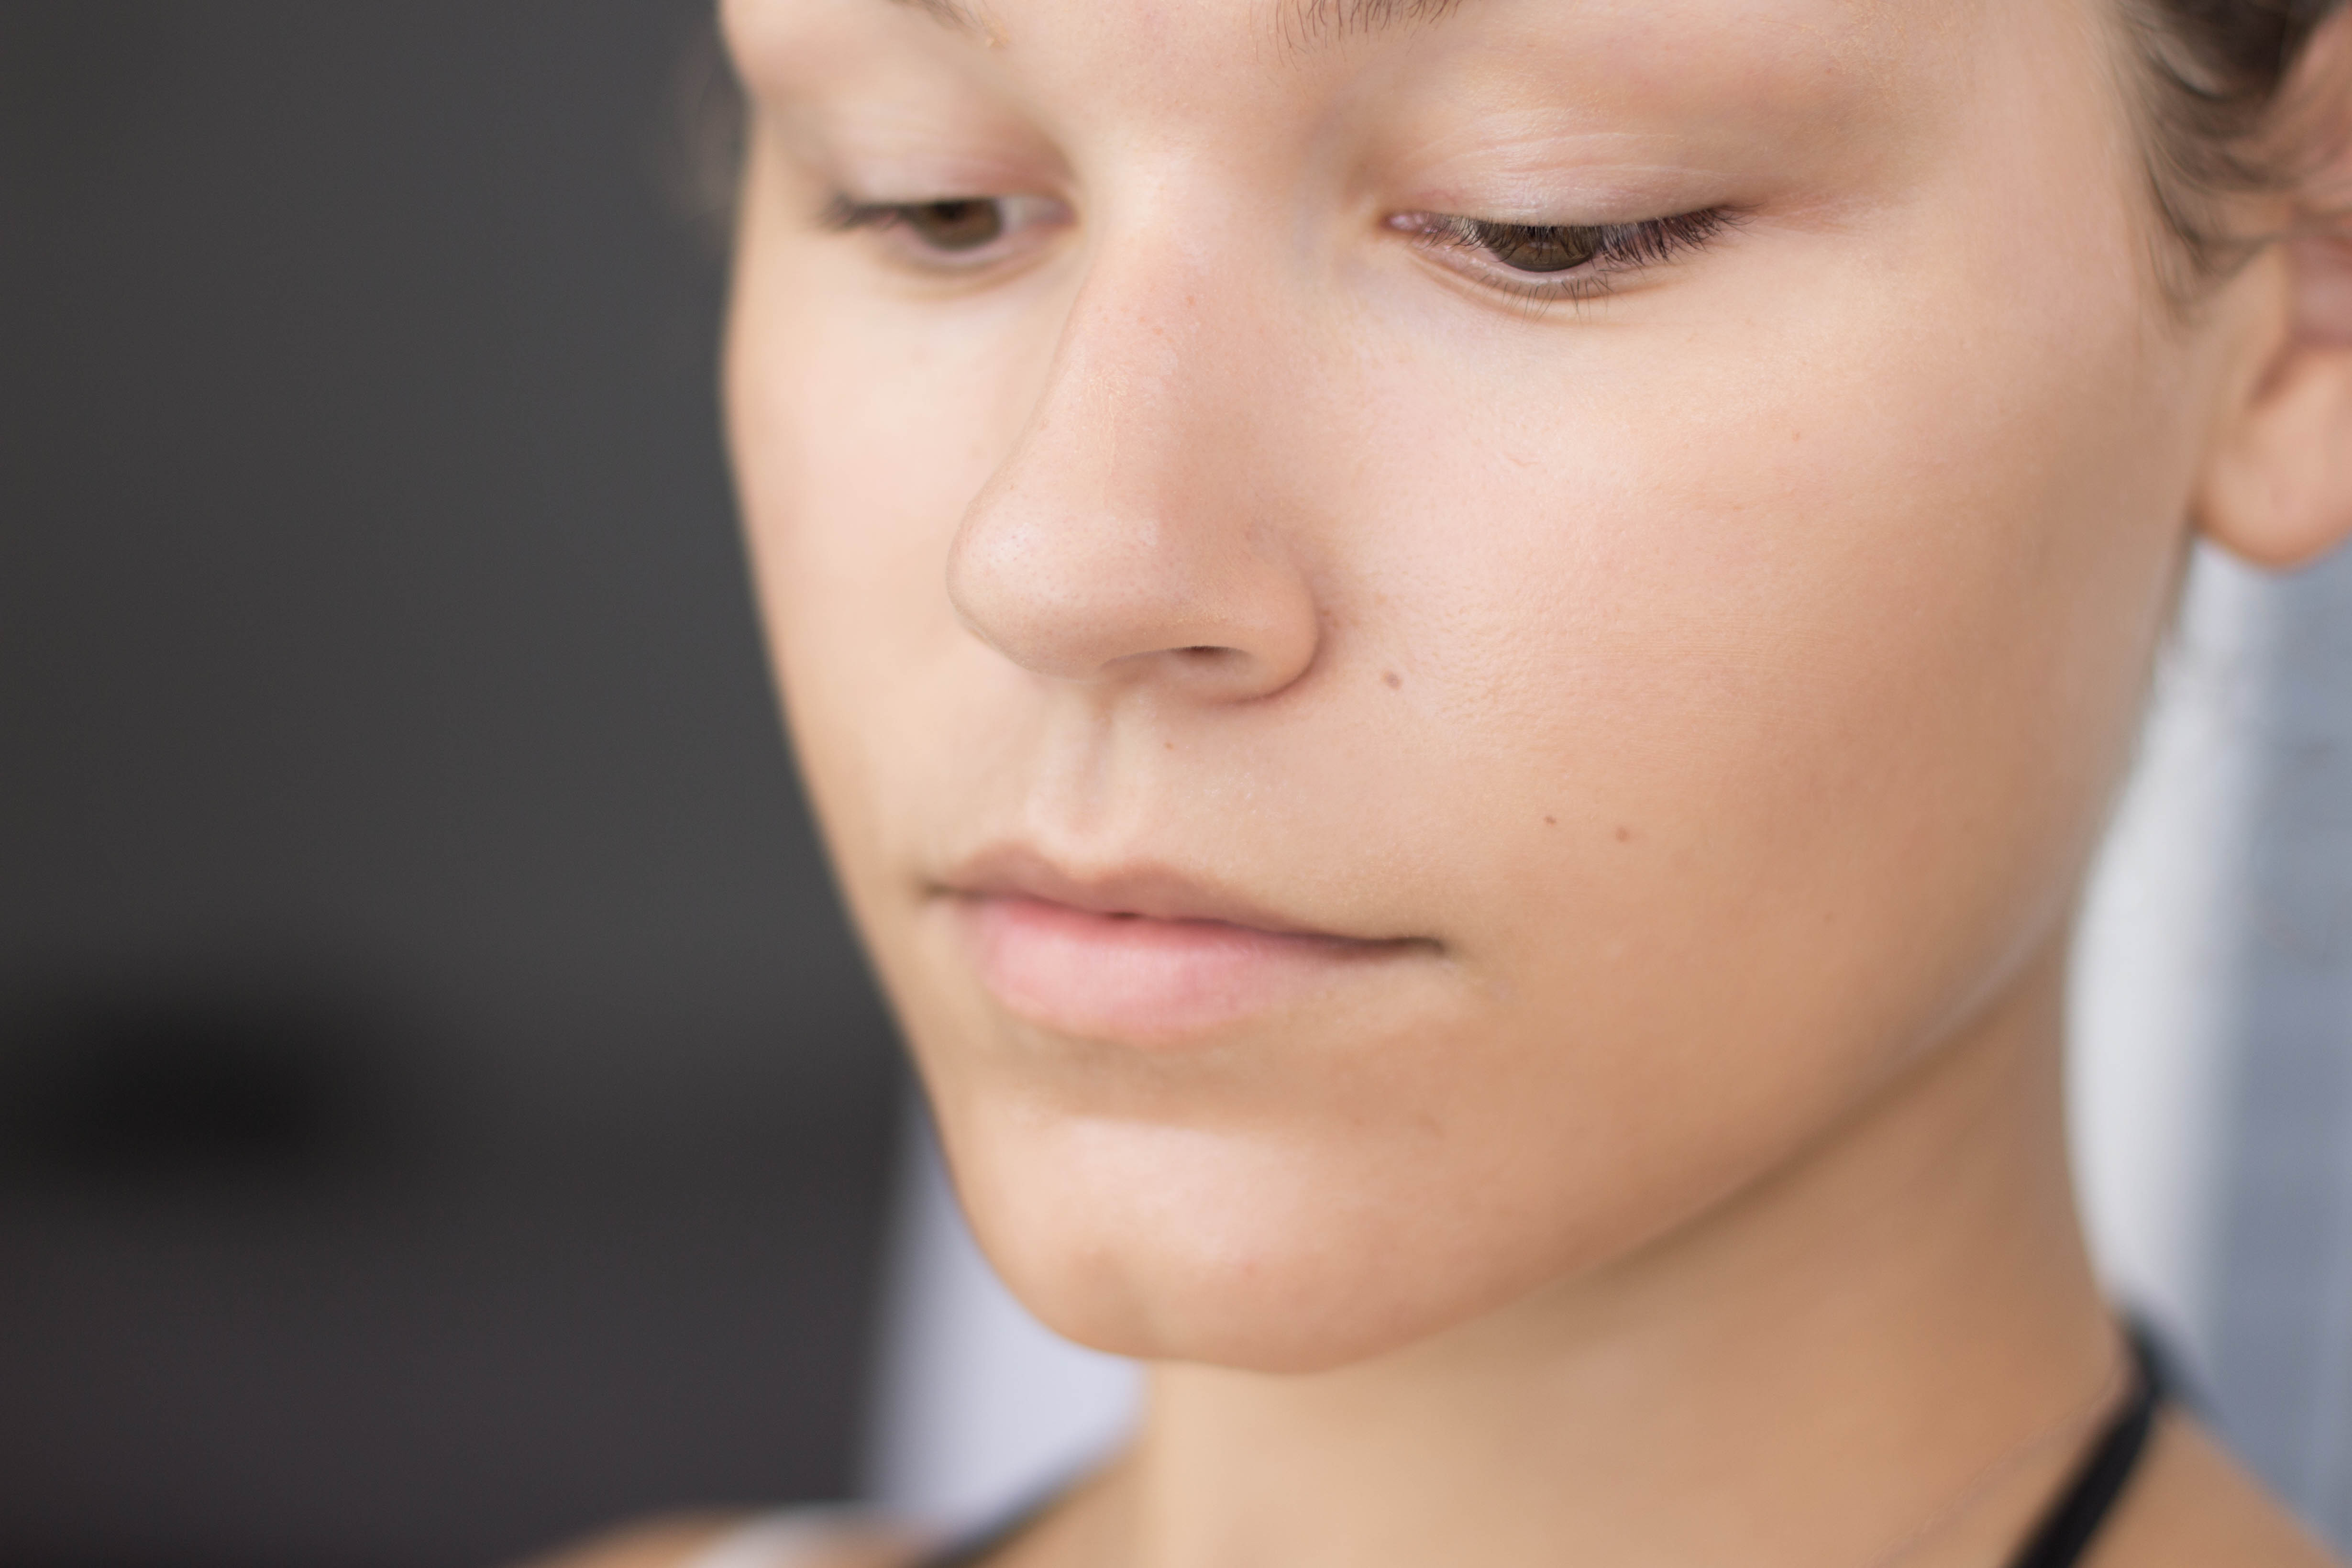 5 einfache Tipps für reine Haut